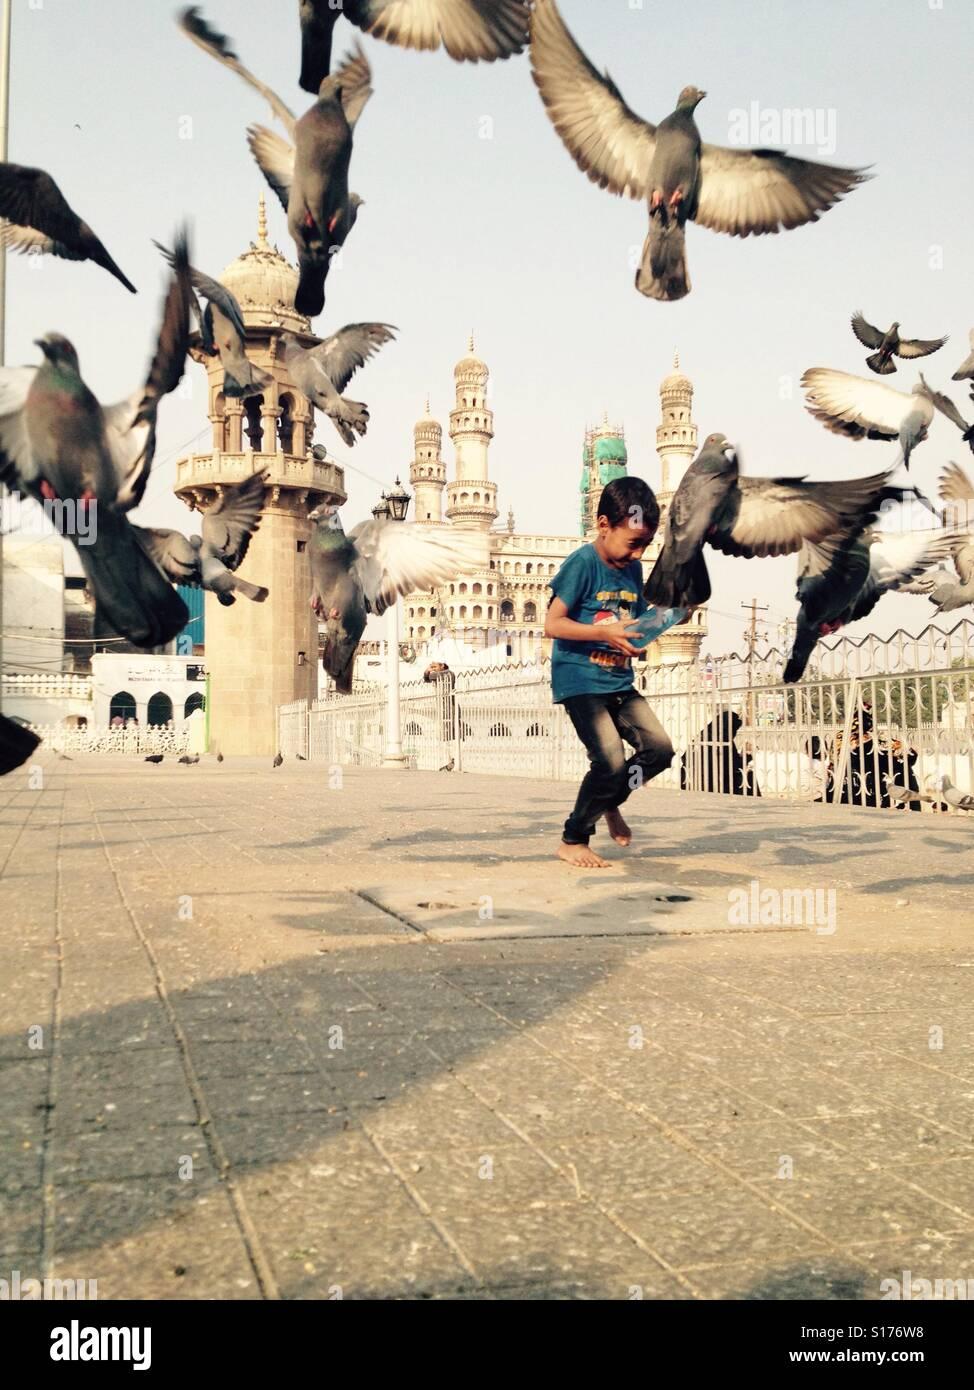 Petit garçon faire fuir les pigeons en face d'une mosquée Photo Stock